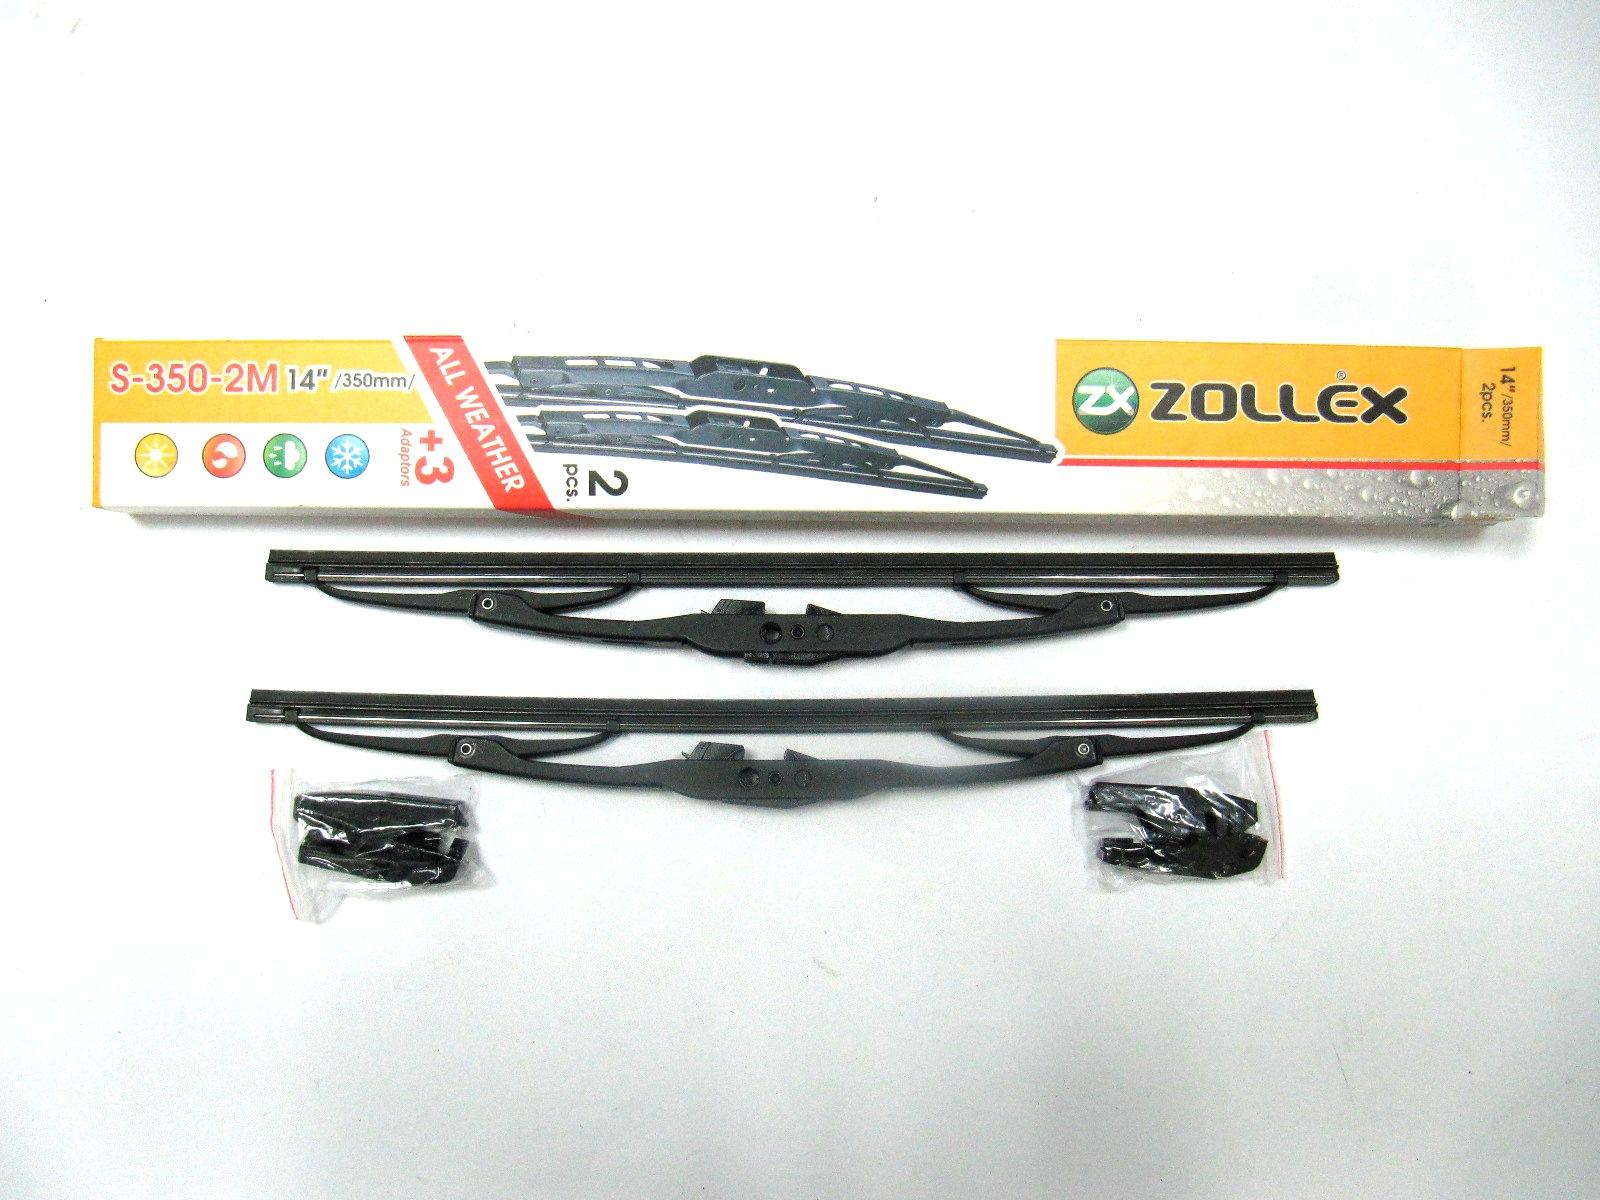 Zollex Щітка склоочисника метал 14&#34 (350 mm) S-350-2M (2шт.)